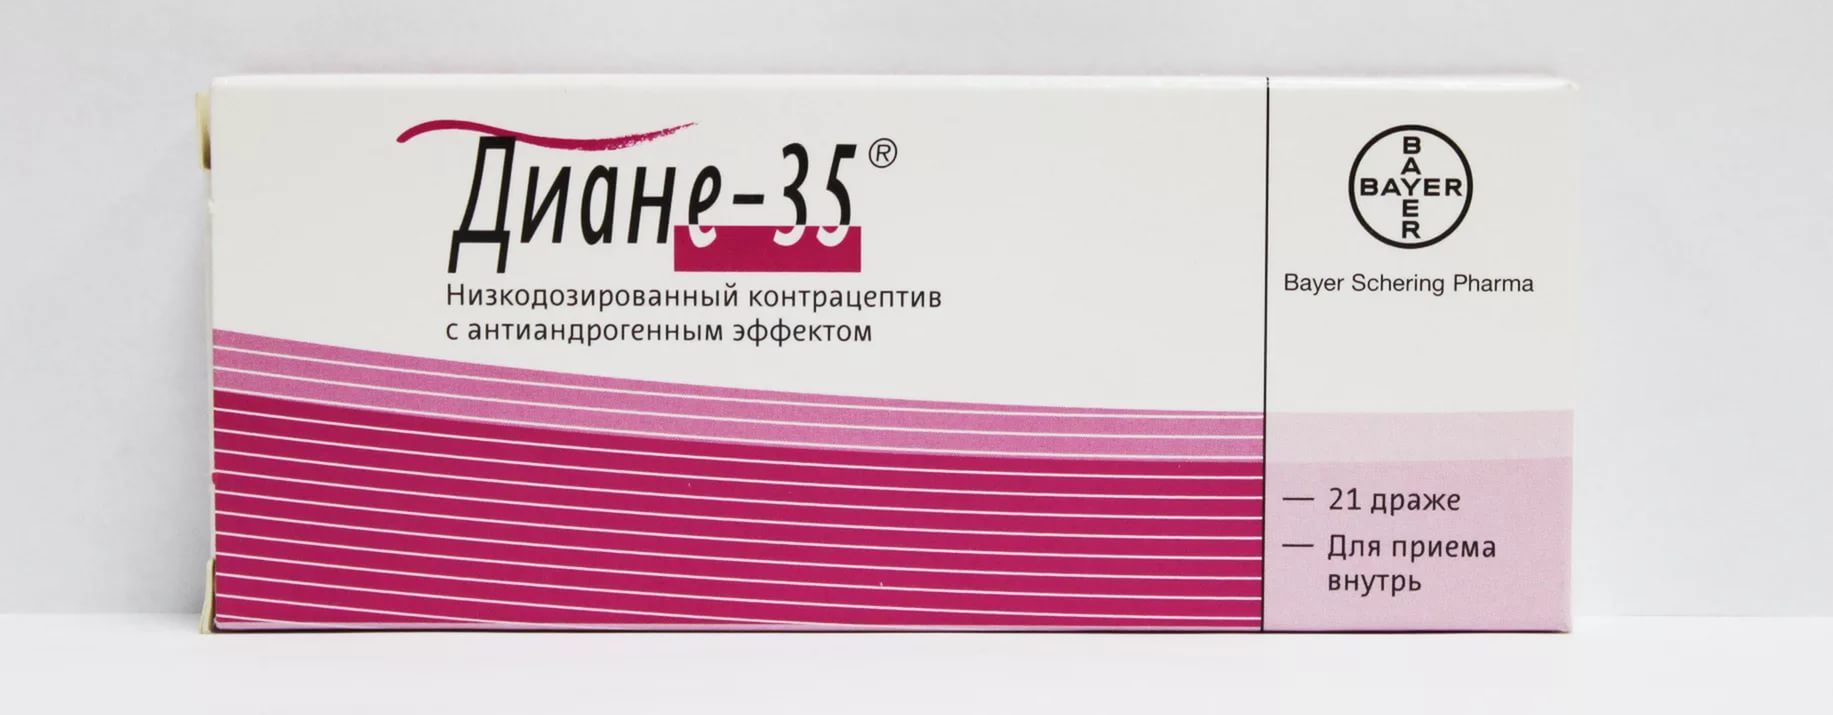 uzimanje hormona u hipertenzije